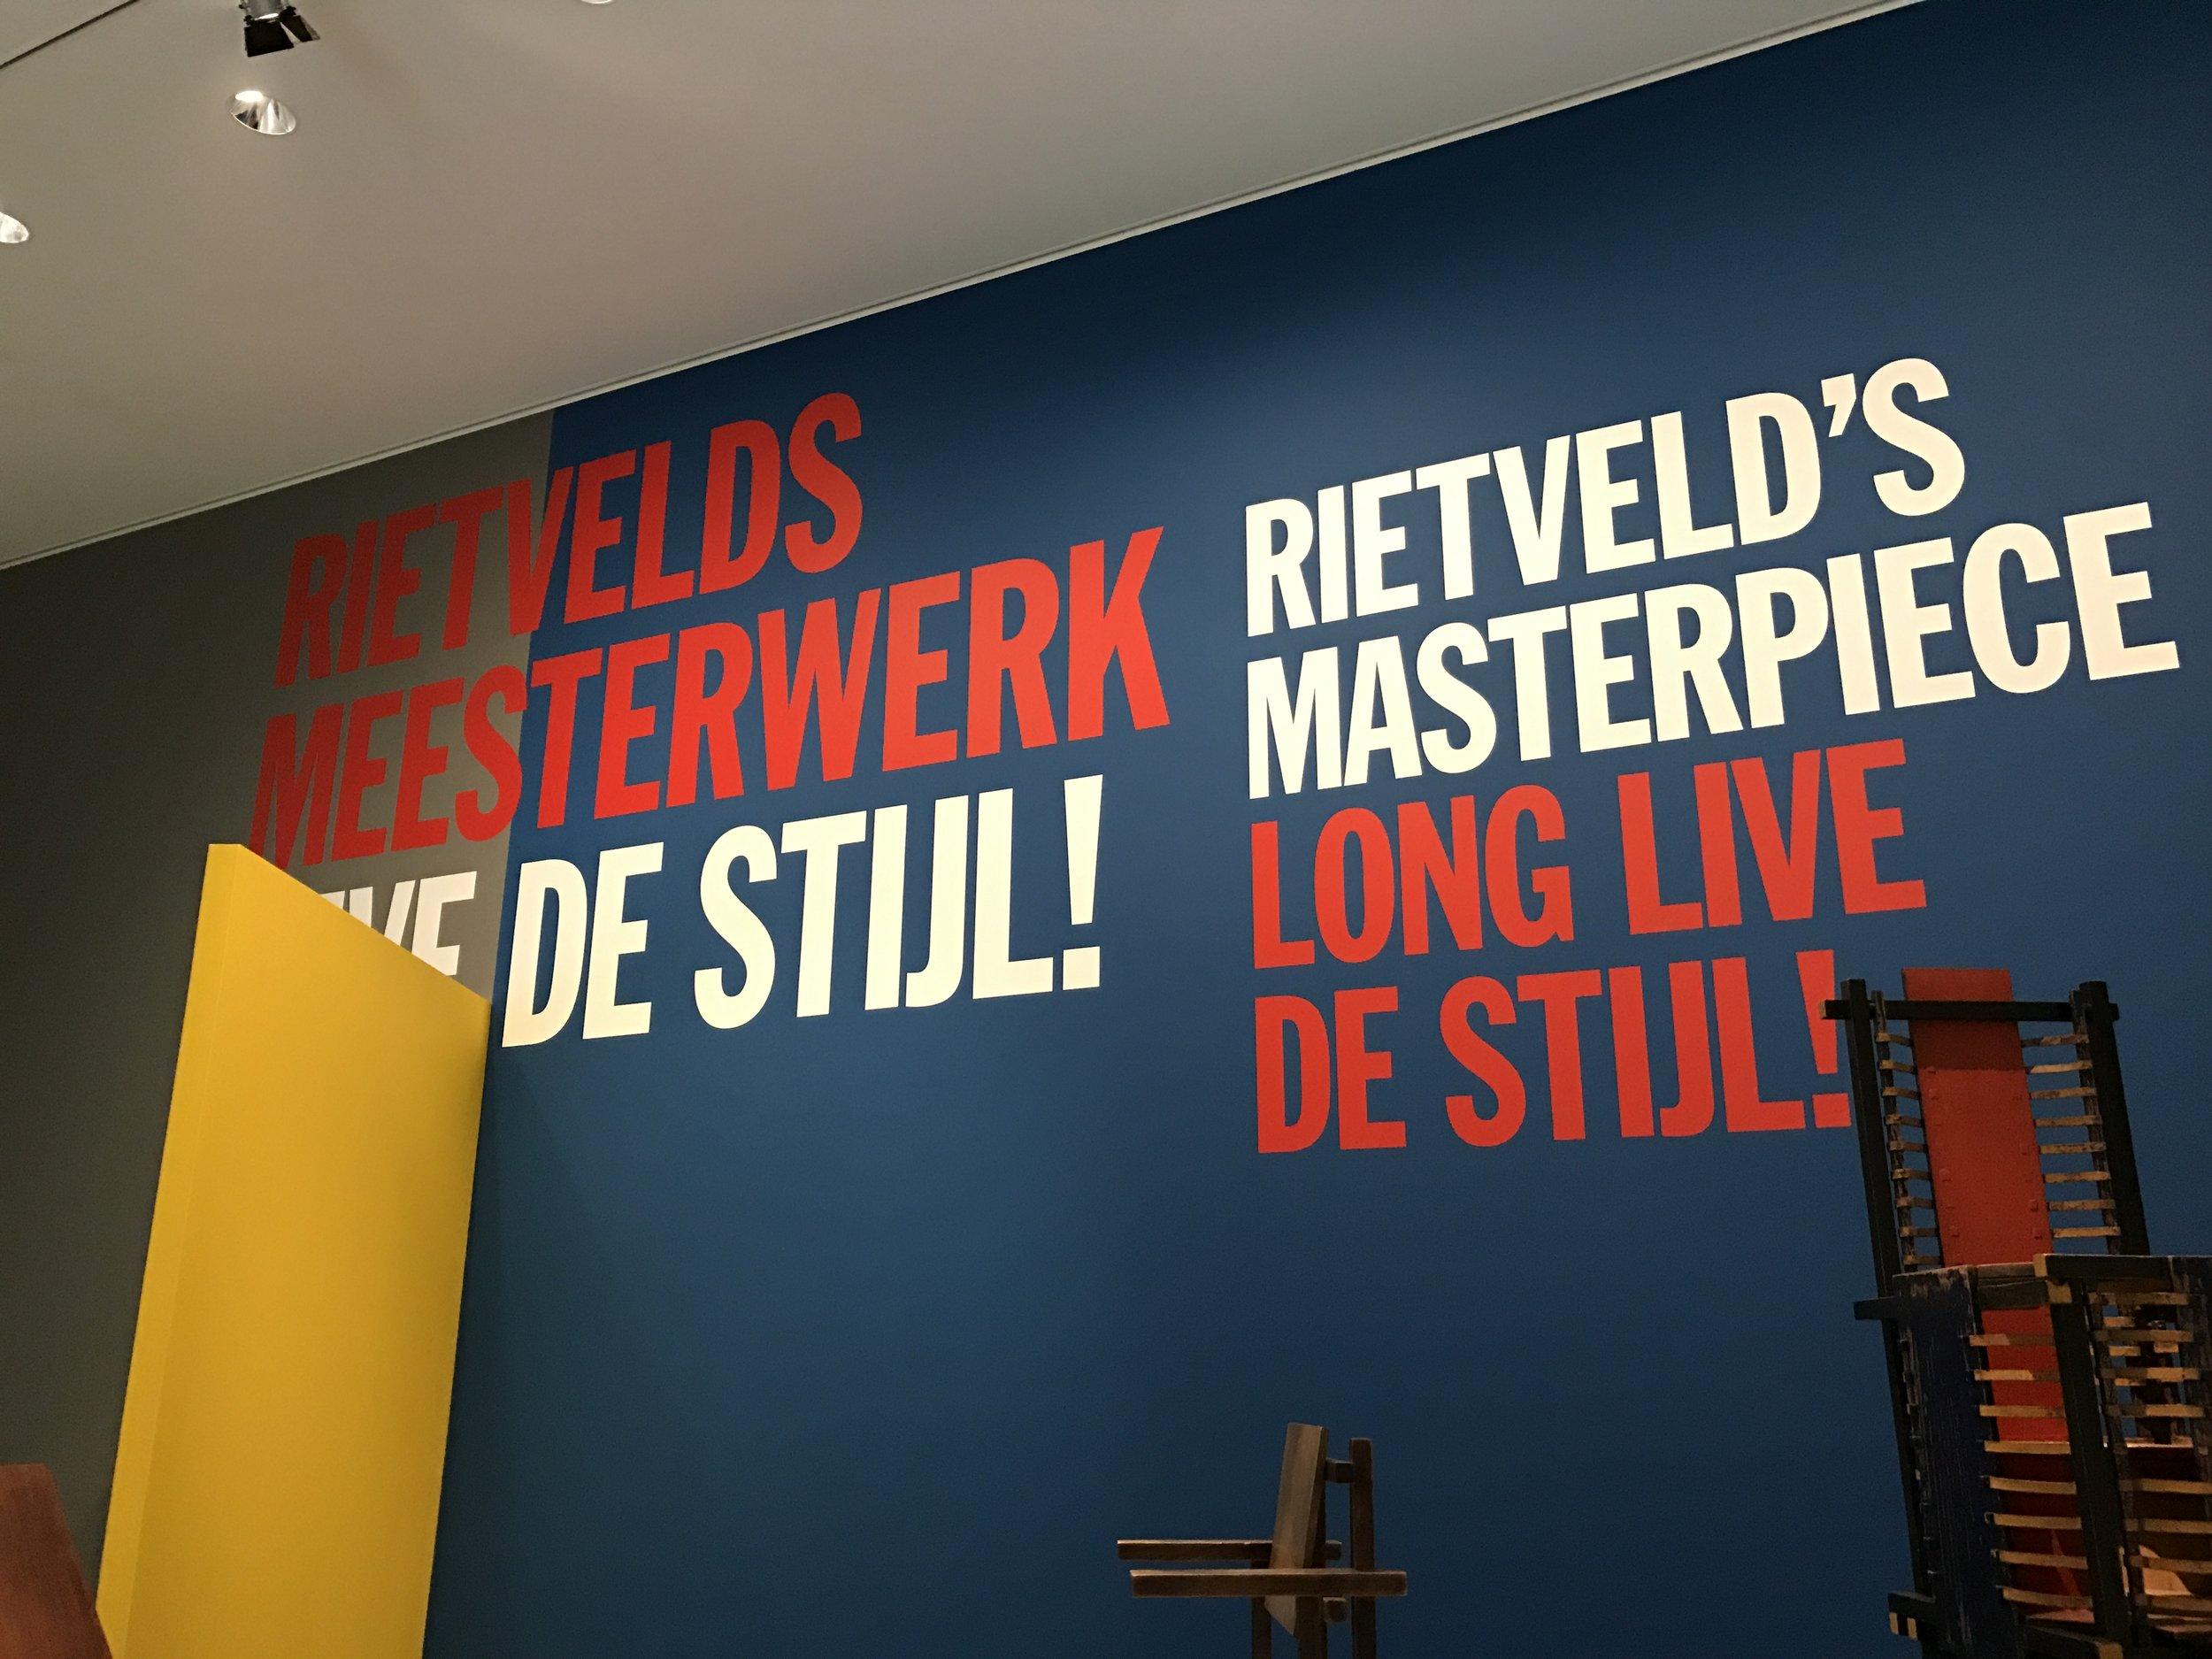 Centraal Museum, Rietvelds Meesterwerk, De Museumpodcast